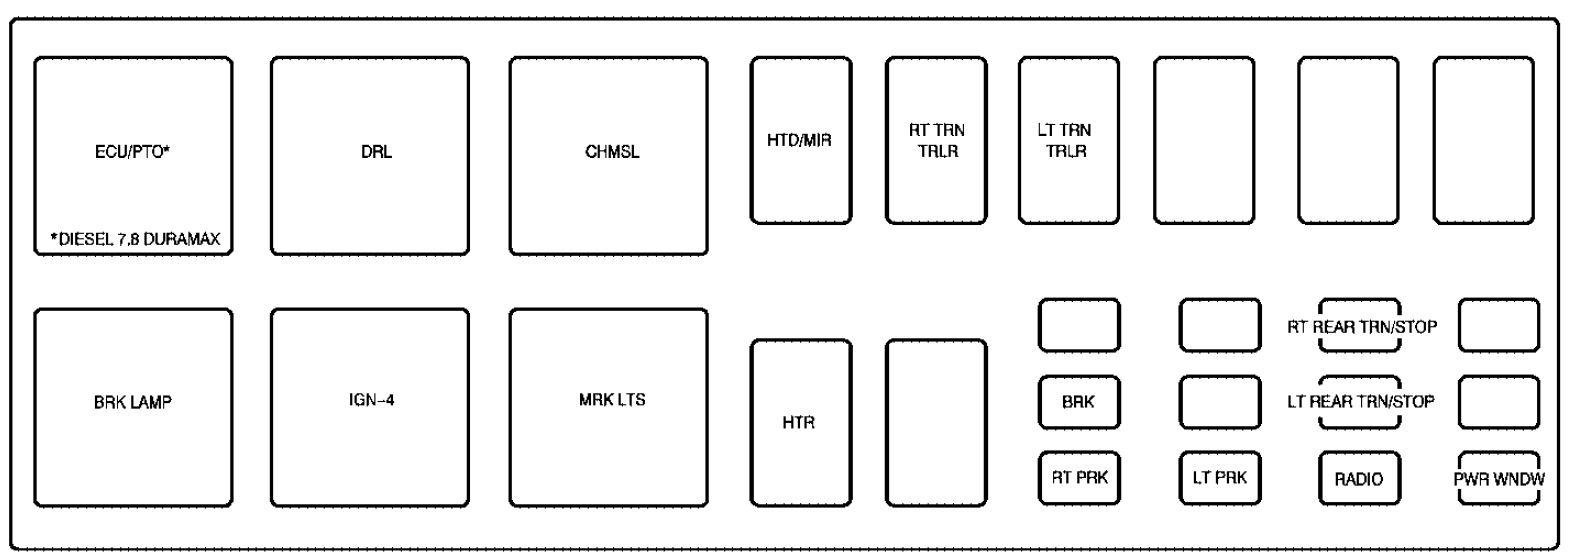 Surprising Wiring Diagram Daihatsu Luxio Acura Wiring Diagram Lexus Wiring Wiring 101 Photwellnesstrialsorg